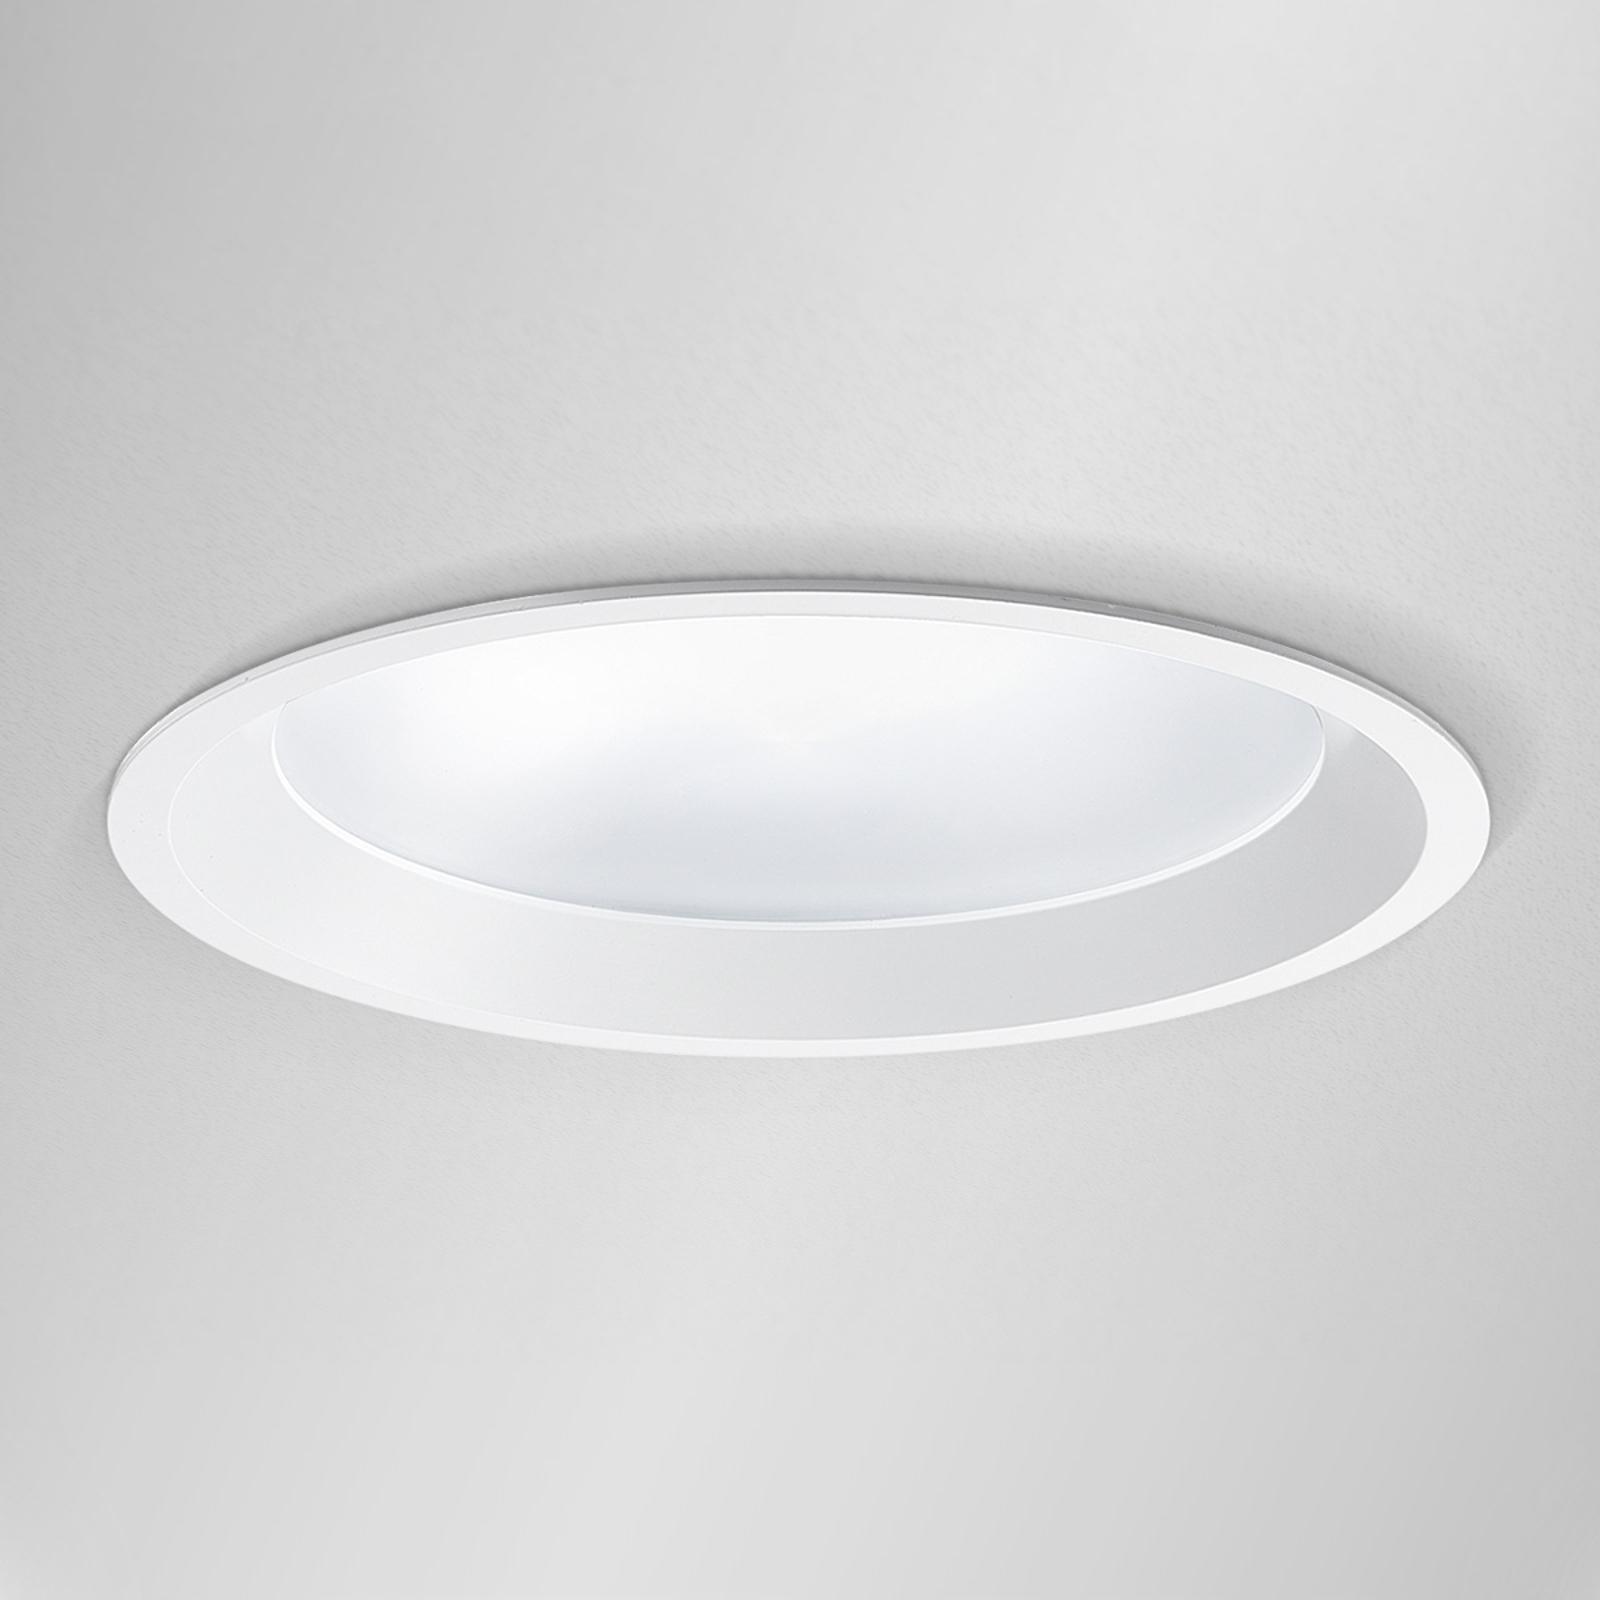 Diameter 19 cm - Strato 190 LED recessed downlight_3023095_1